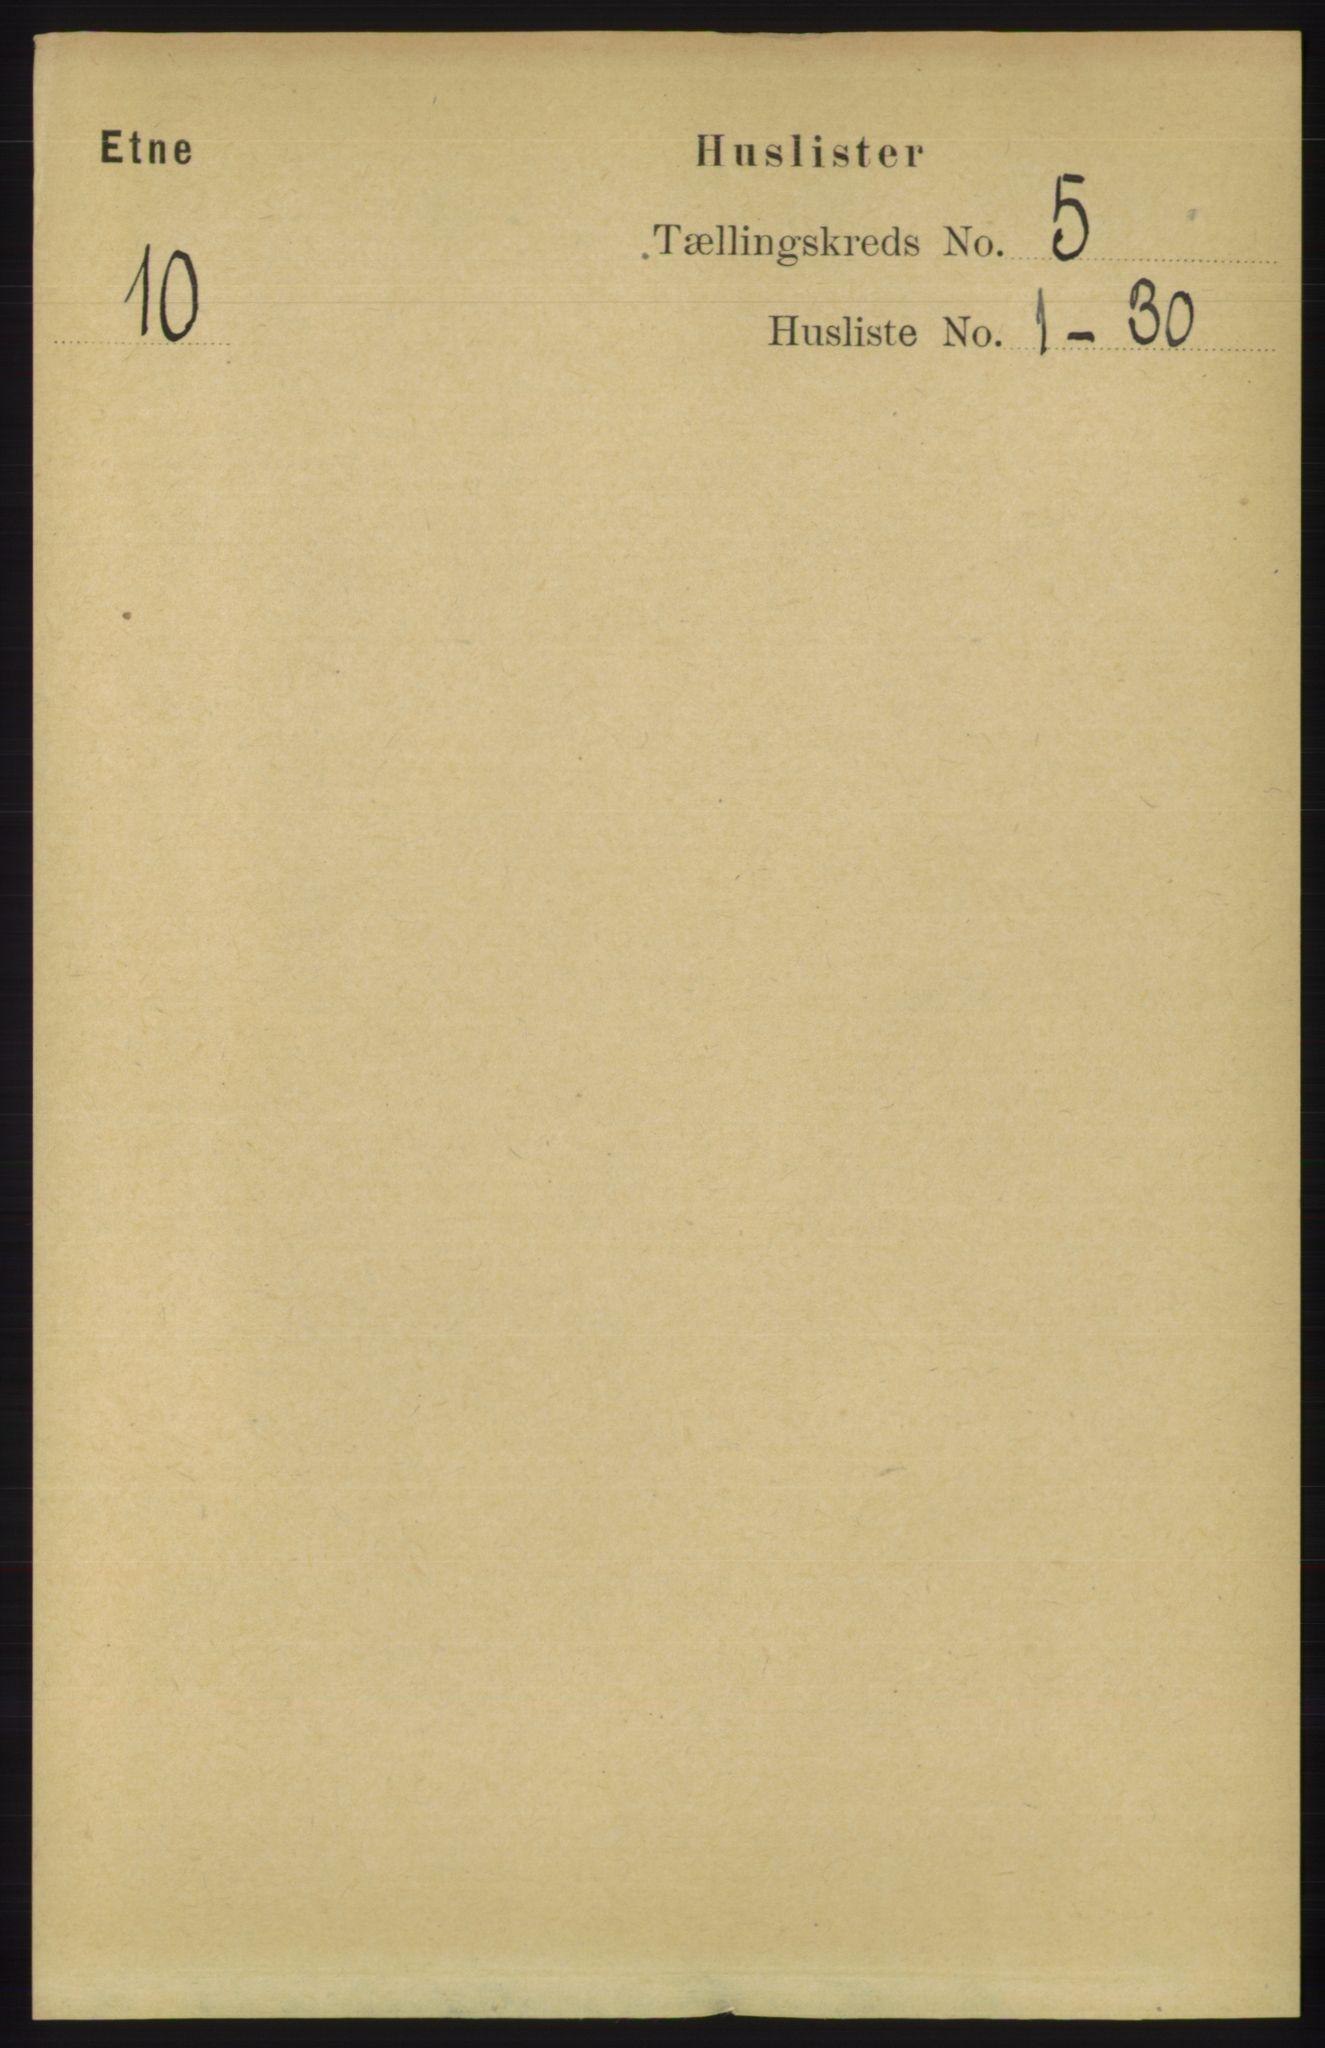 RA, Folketelling 1891 for 1211 Etne herred, 1891, s. 984